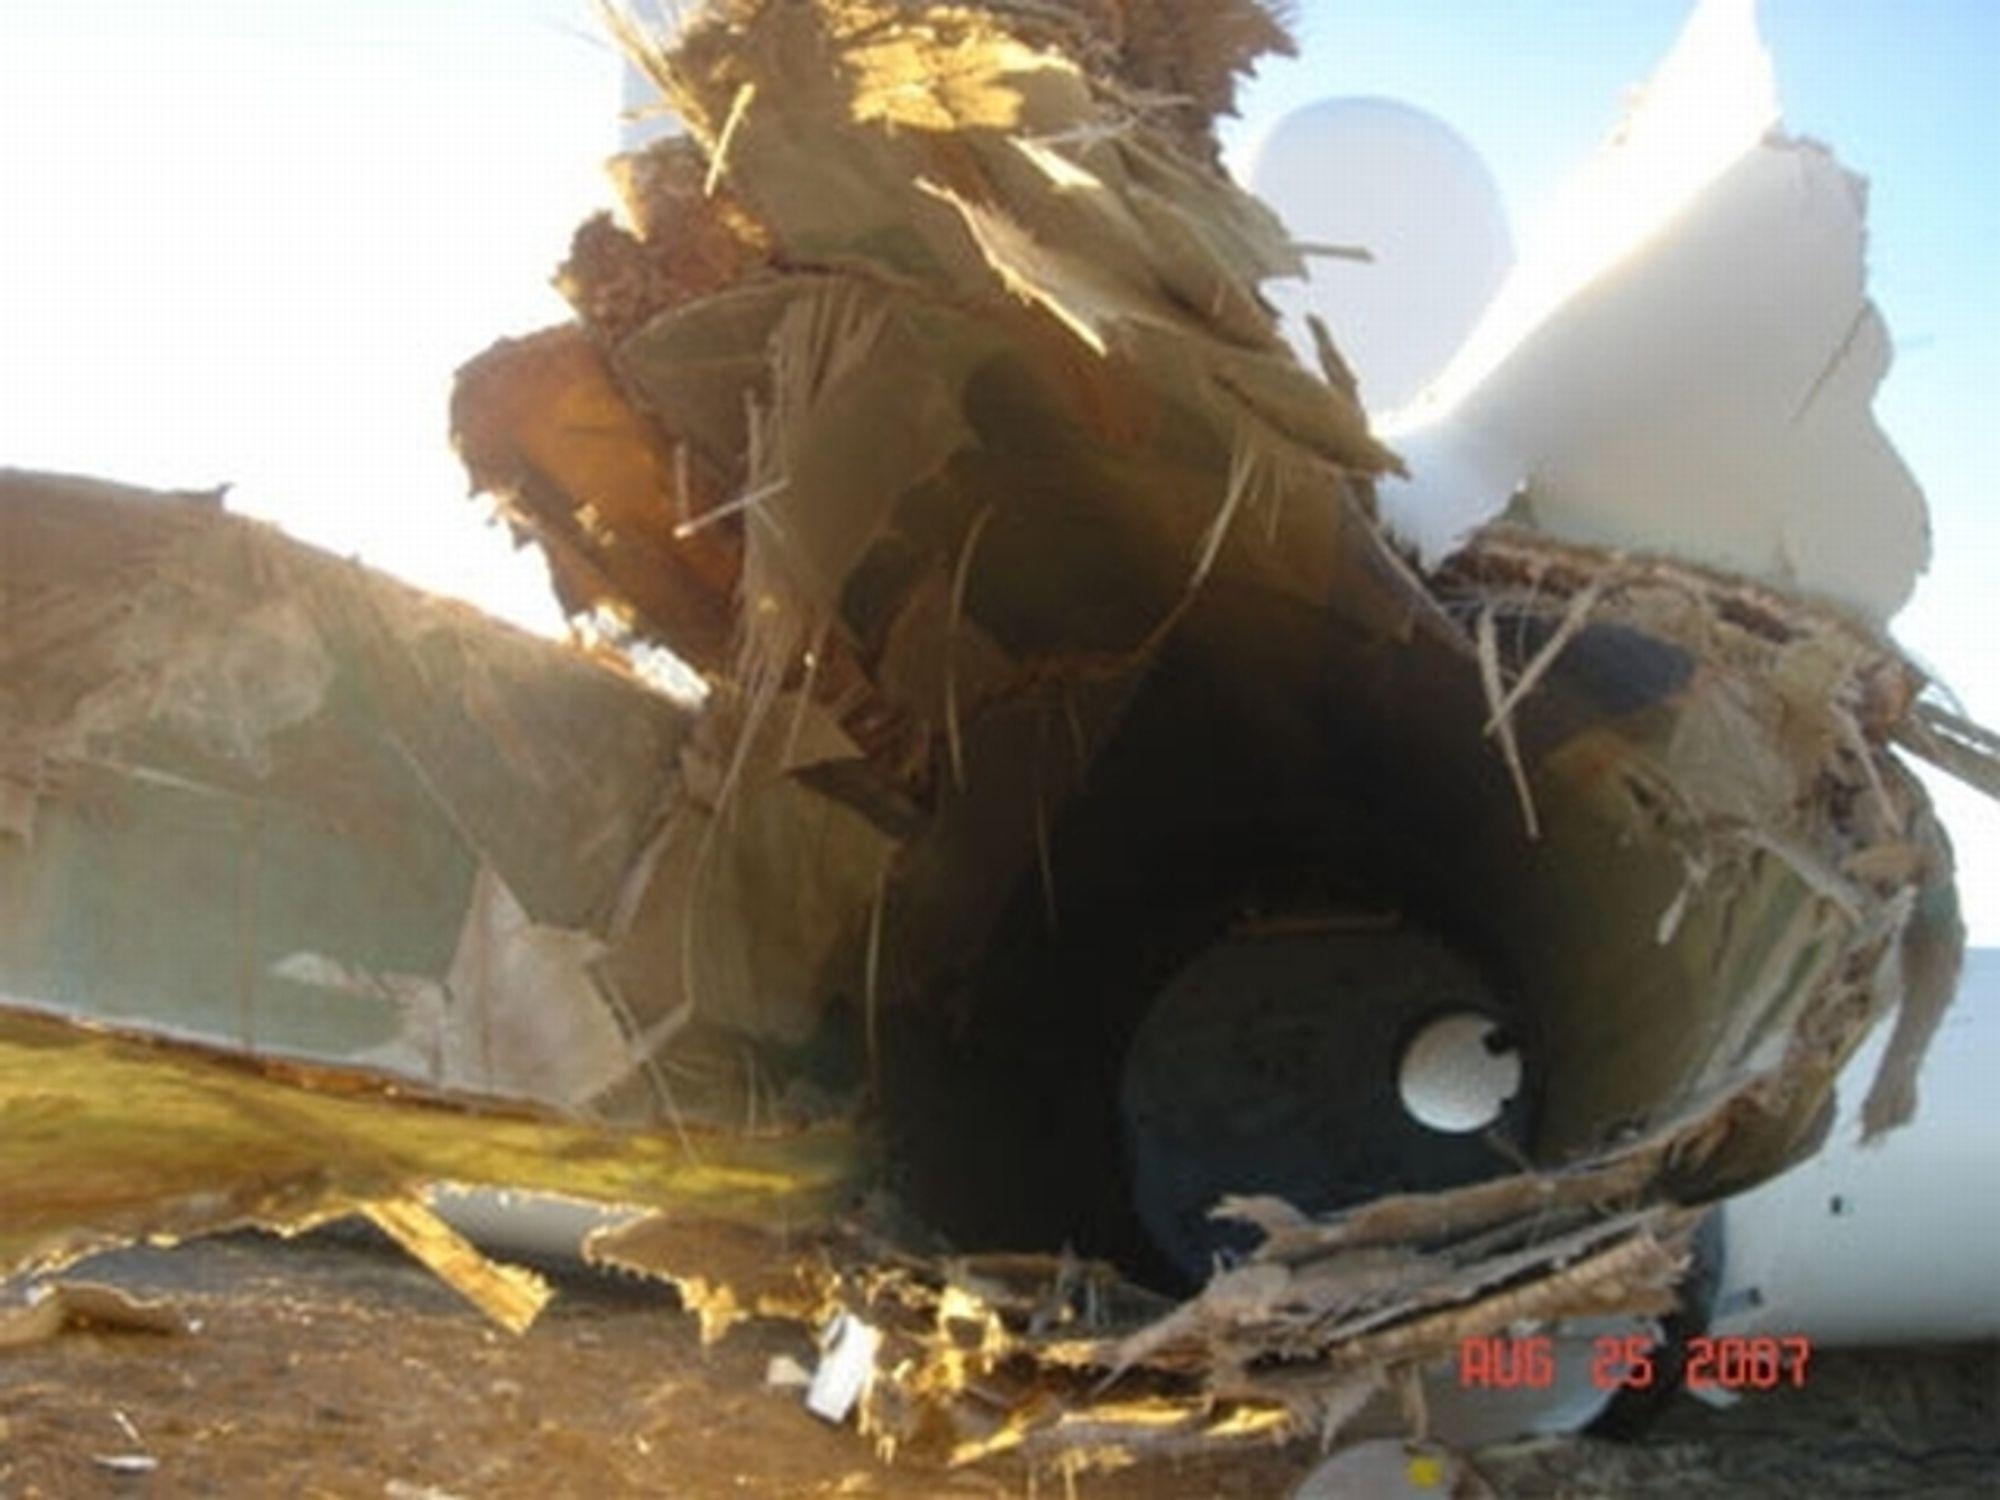 Vindturbinen er blitt til en søppelhaug. En arbeider ble drept og en annen alvorlig skadet da masten knakk og turbinbladene gikk i bakken i Oregon, lørdag 25. august 2007. Turbinen er levert av Siemens Wind Power i Danmark.